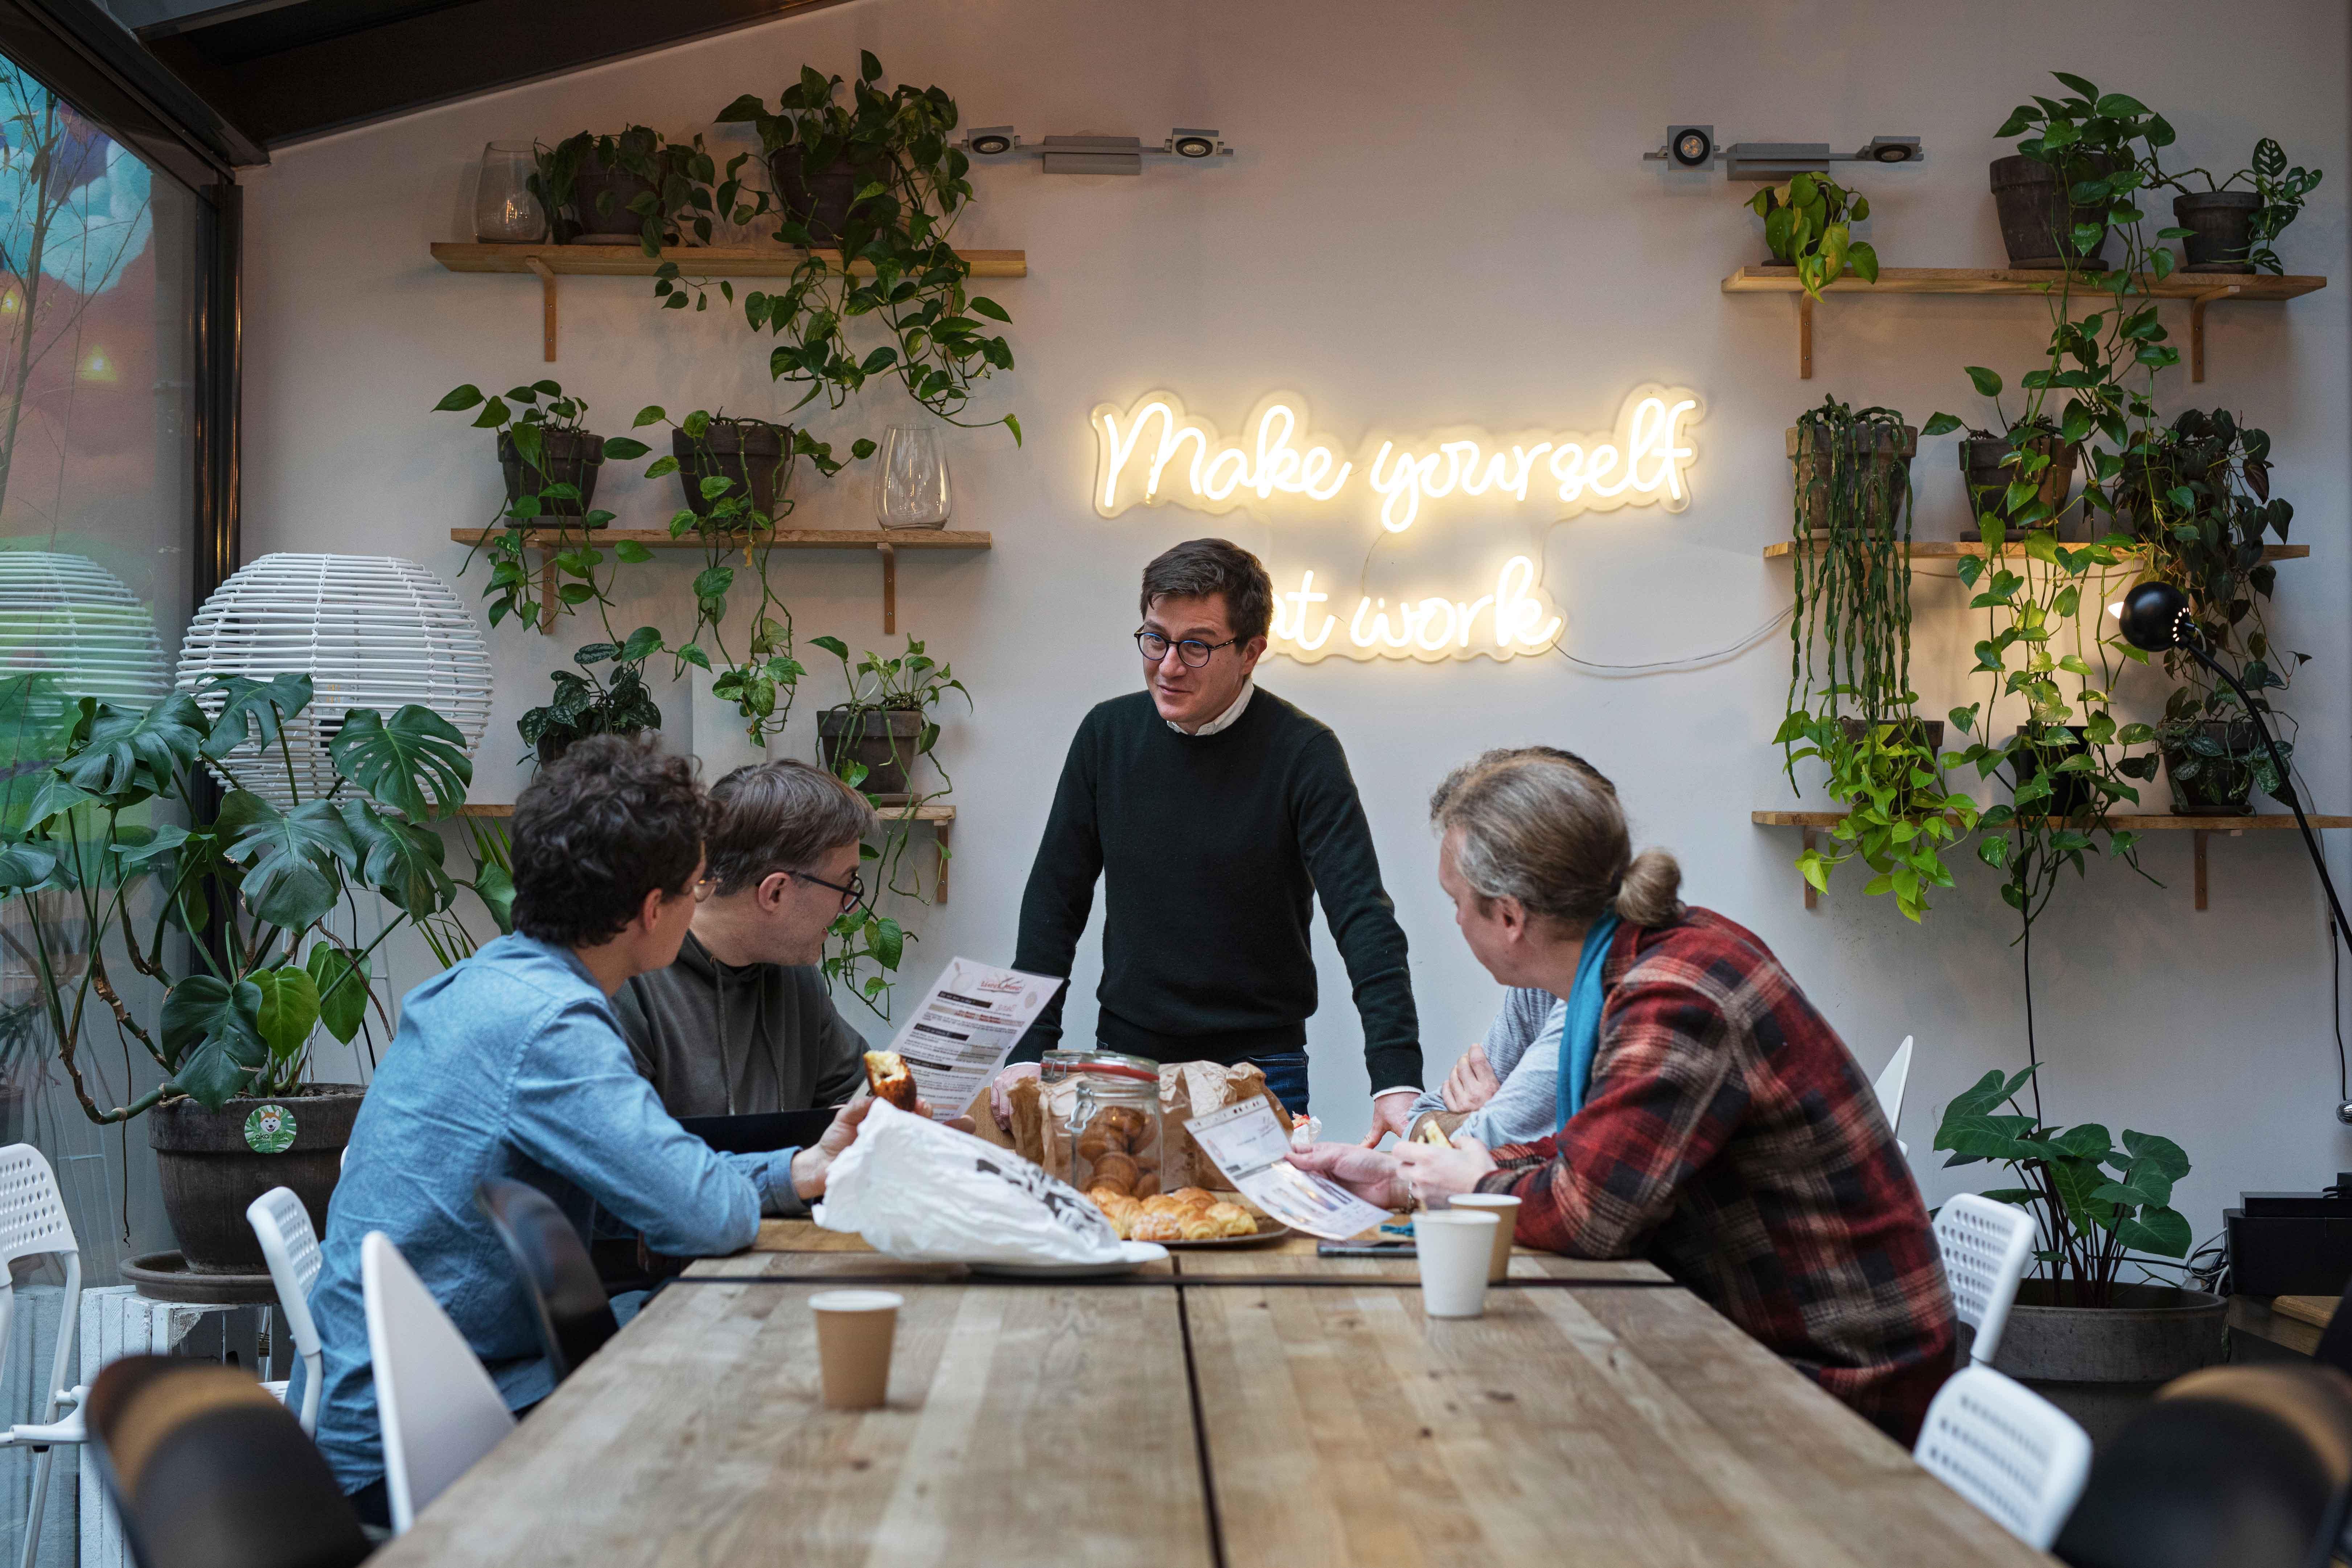 Équipe d'entrepreneurs au sein d'une maison moderne et végétale